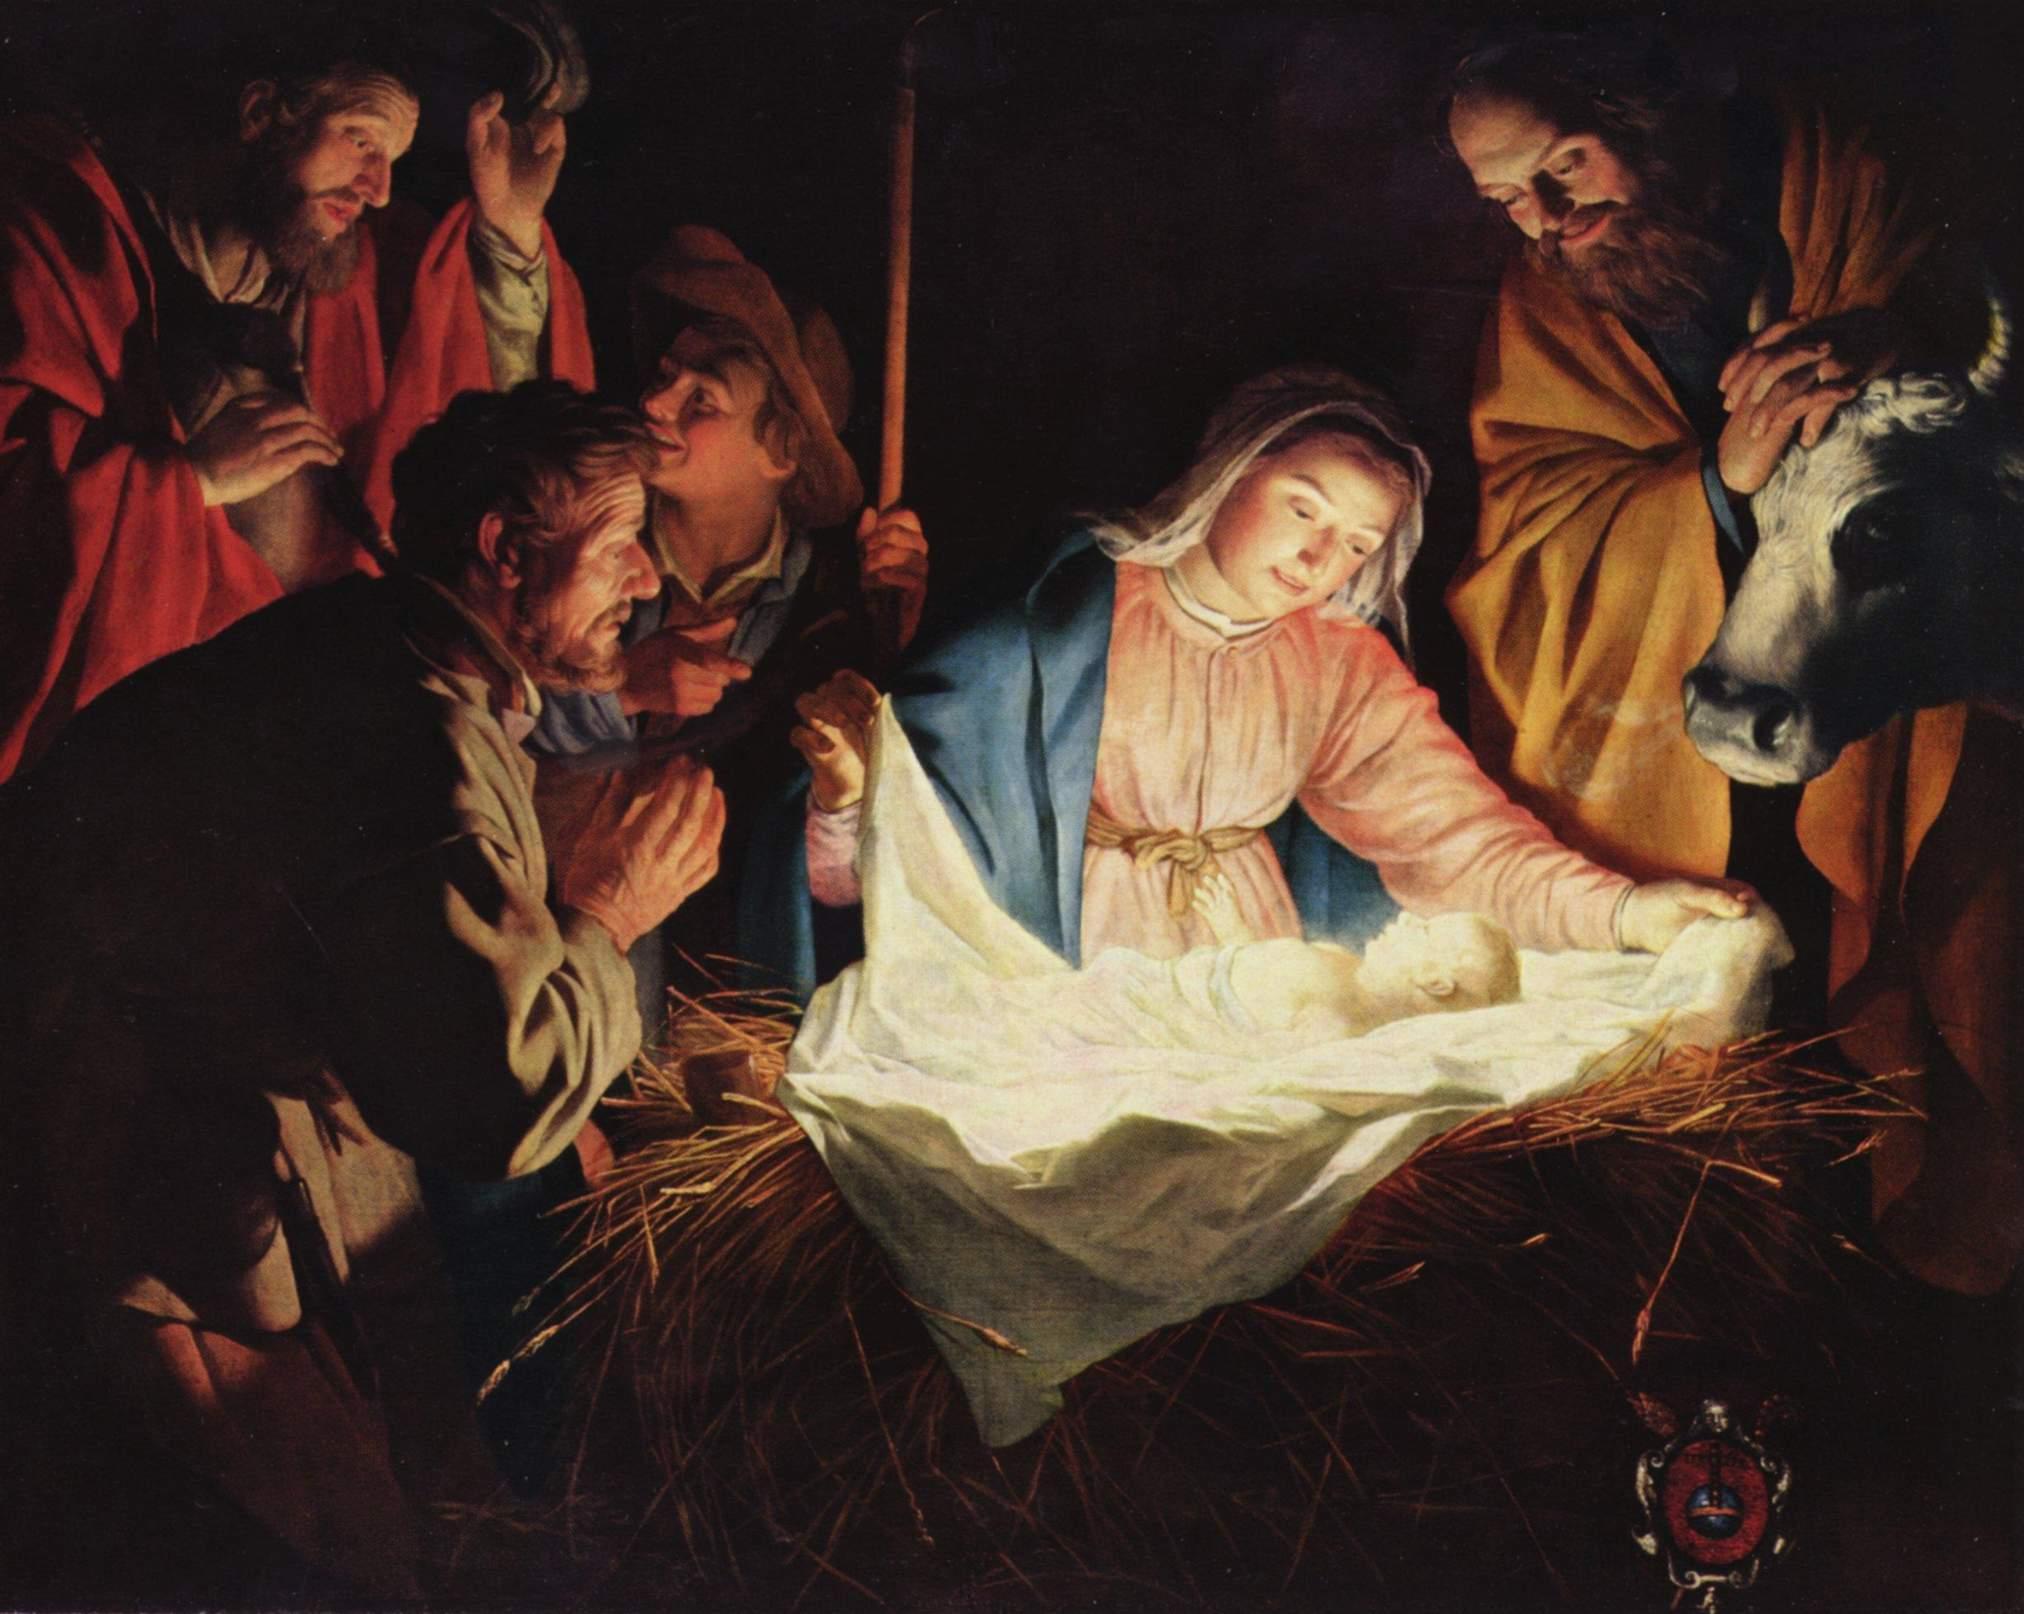 Jesus nasceu no dia 17 de junho, afirma astrônomo australiano